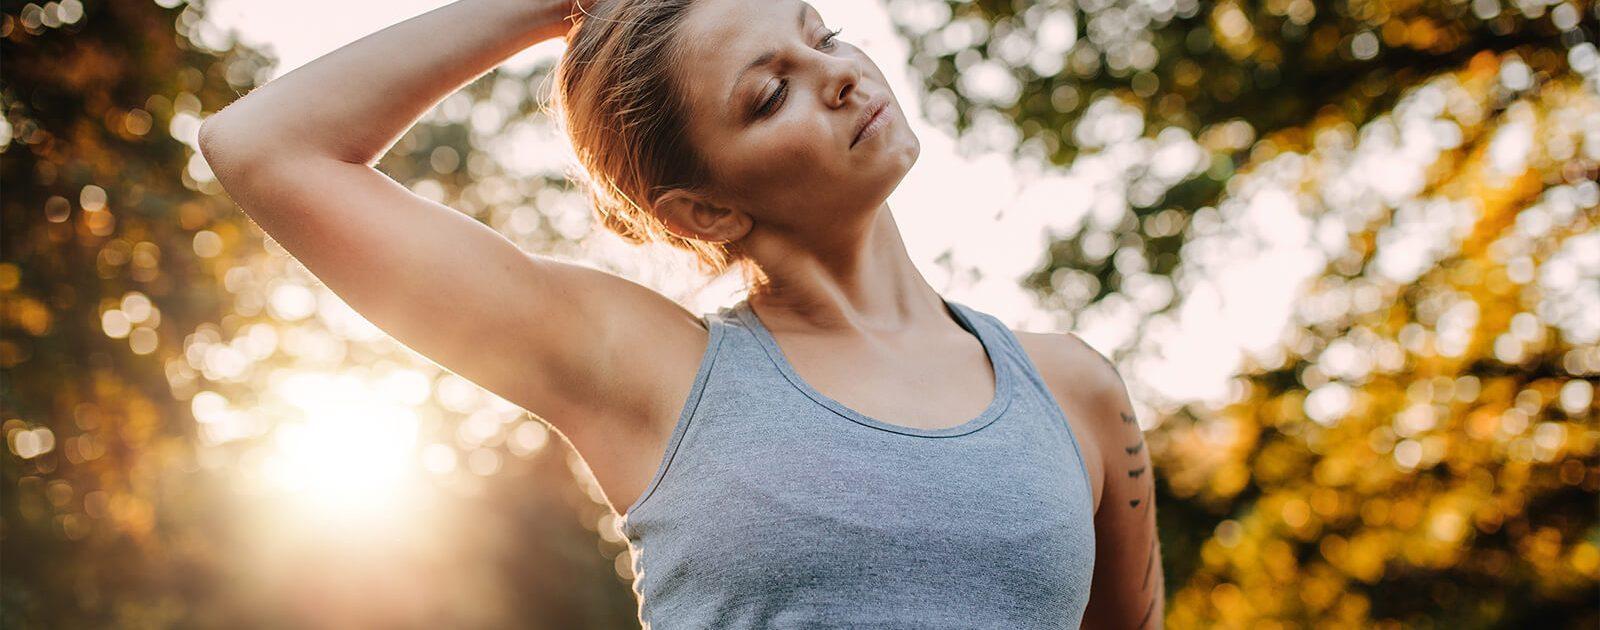 Frau macht Schulterübung gegen Ihre Schmerzen.